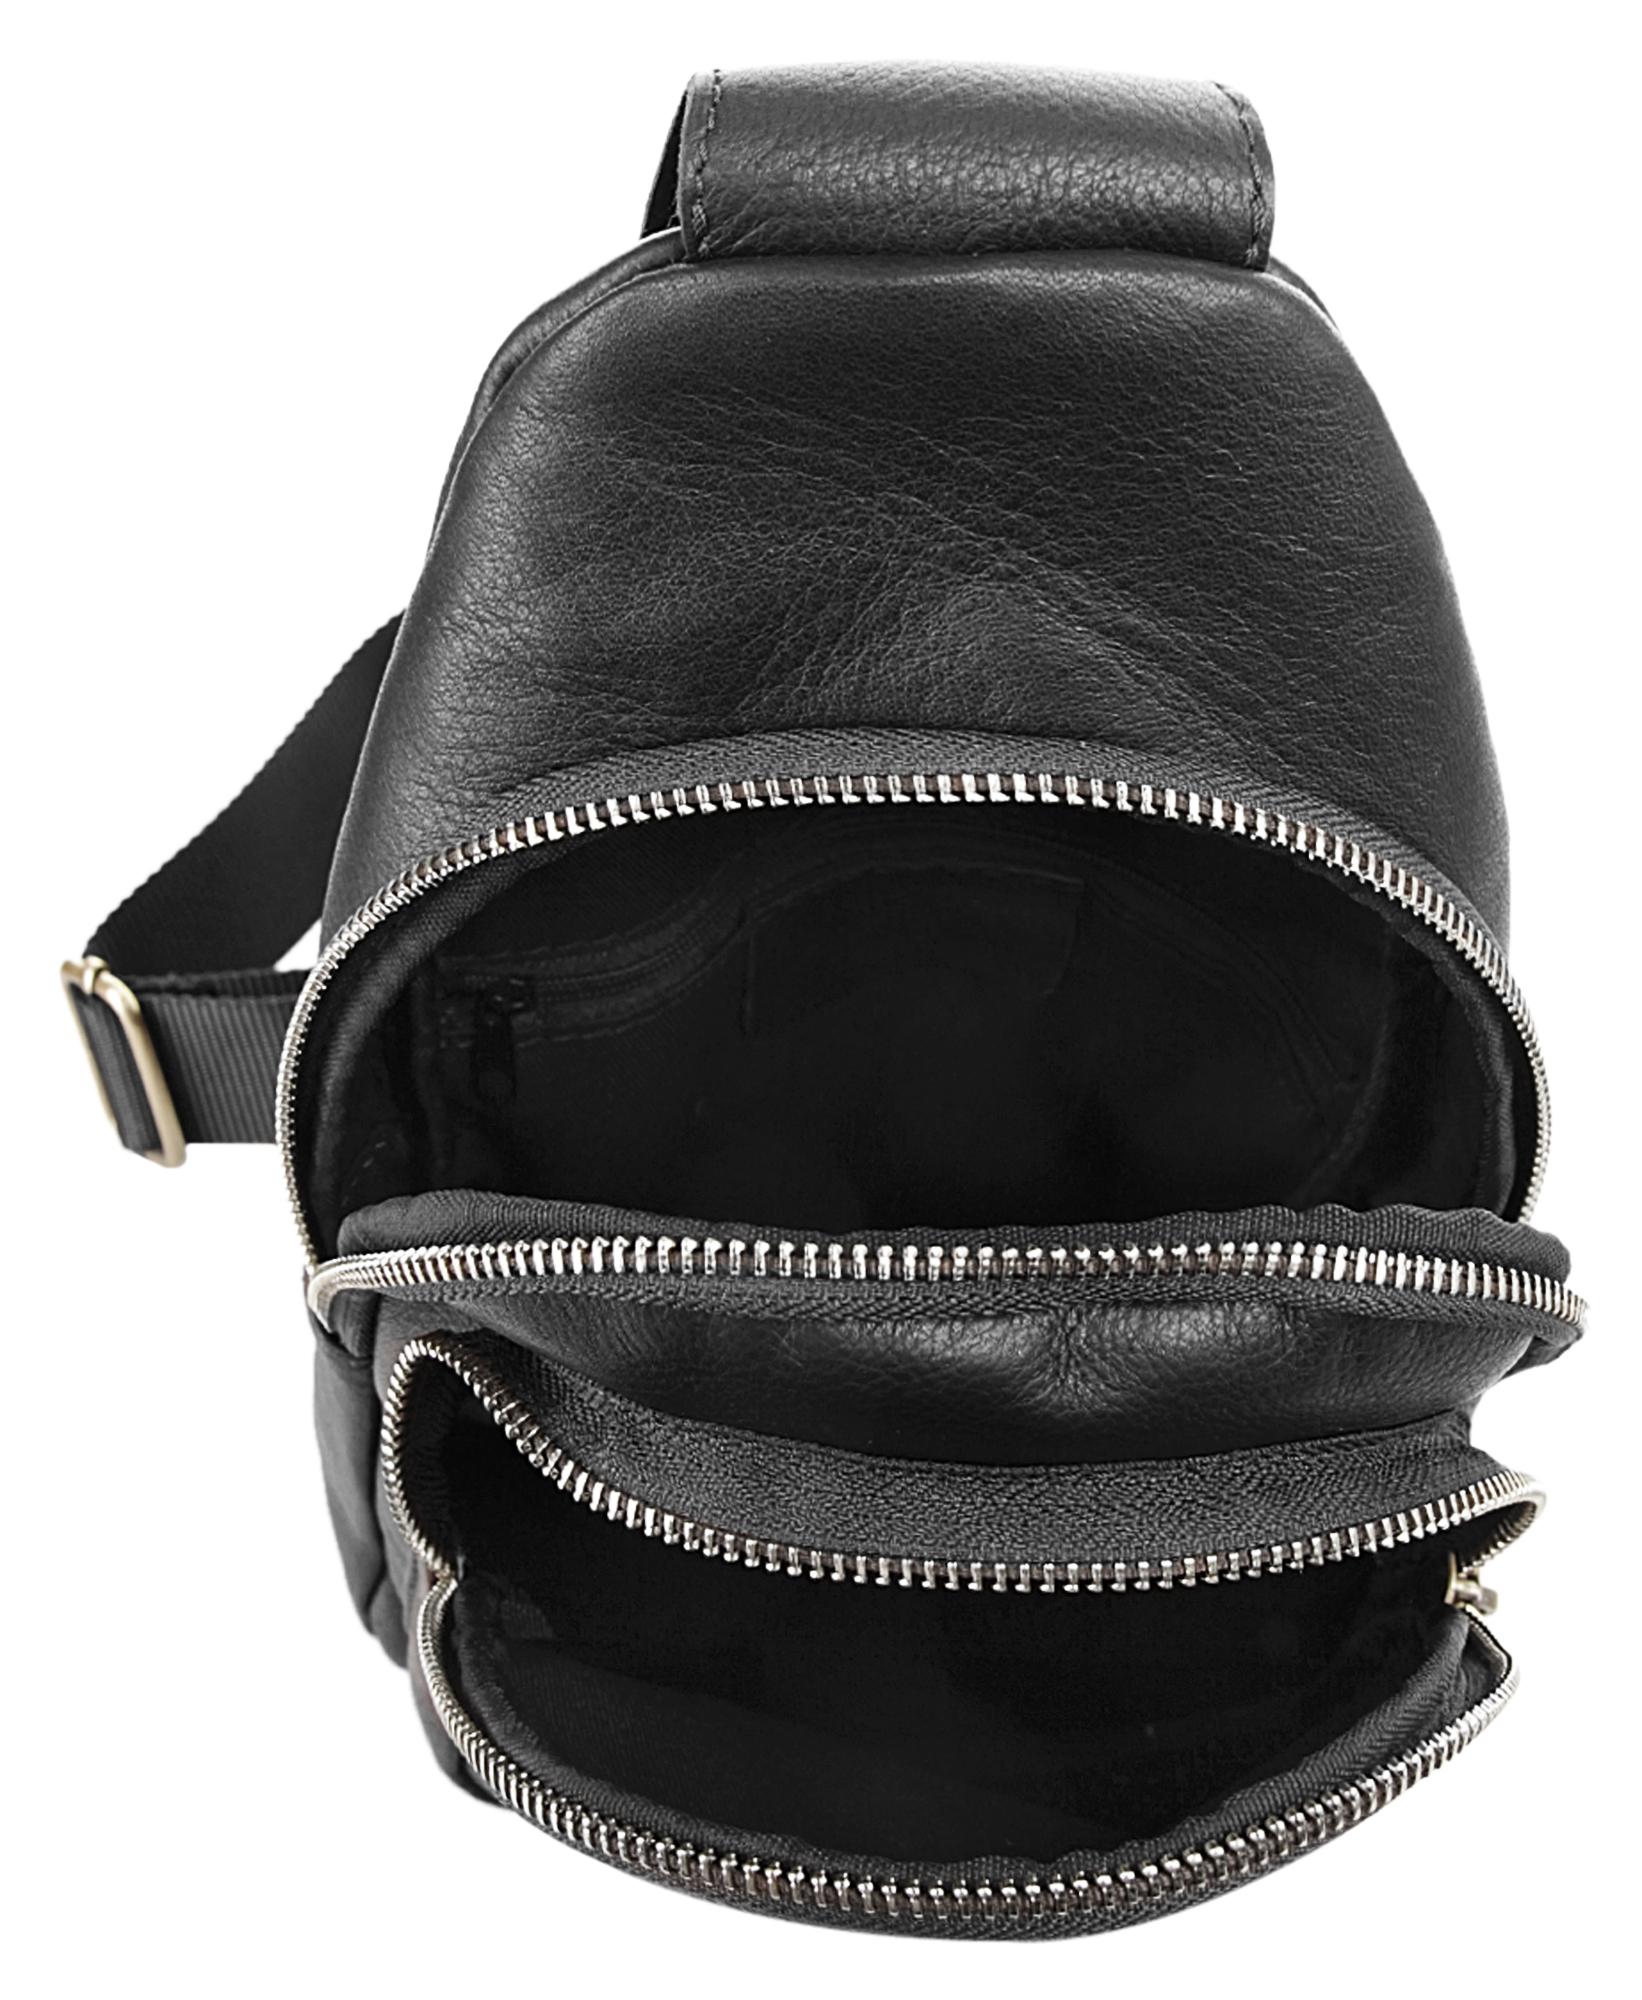 Piké Crossover Bag in schwarz günstig kaufen